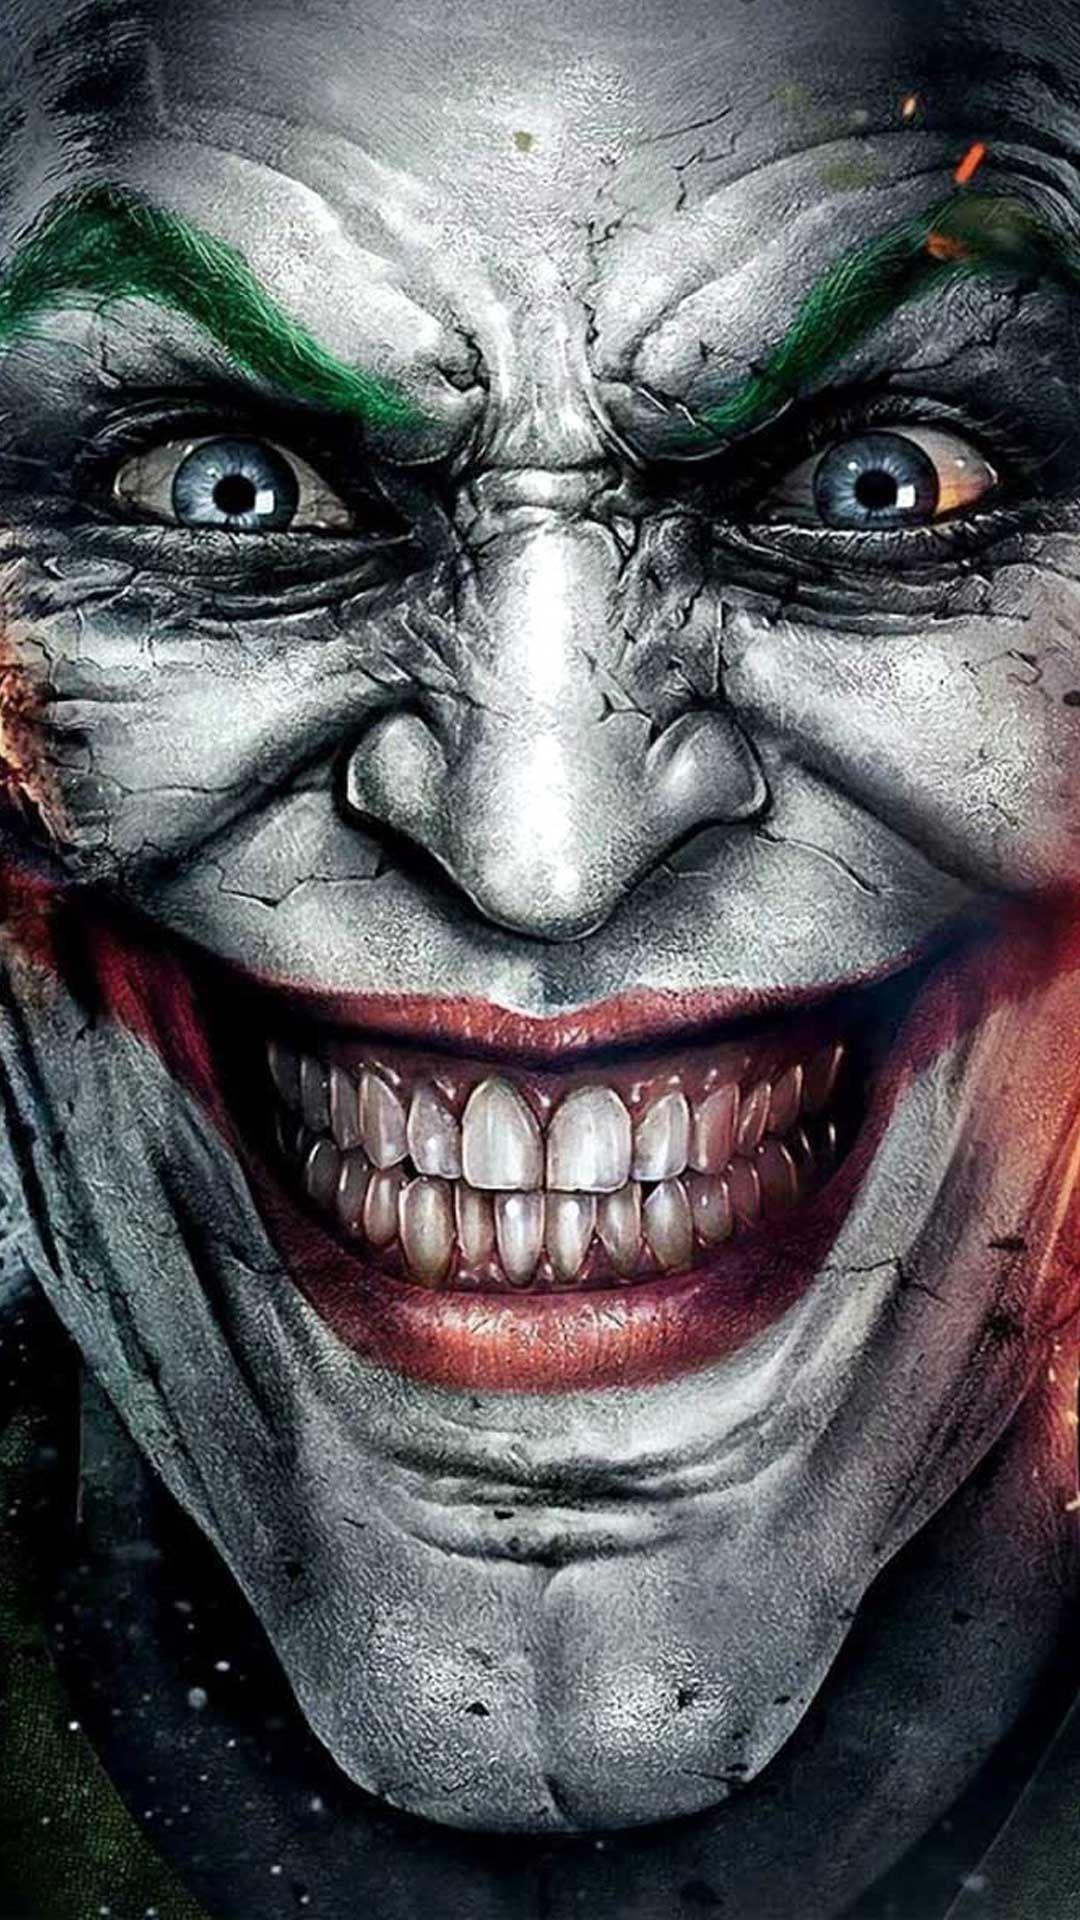 New 3d Iphone Wallpaper Best Wallpaper Hd Joker Wallpapers Batman Joker Joker Face 3d cool joker wallpaper photos